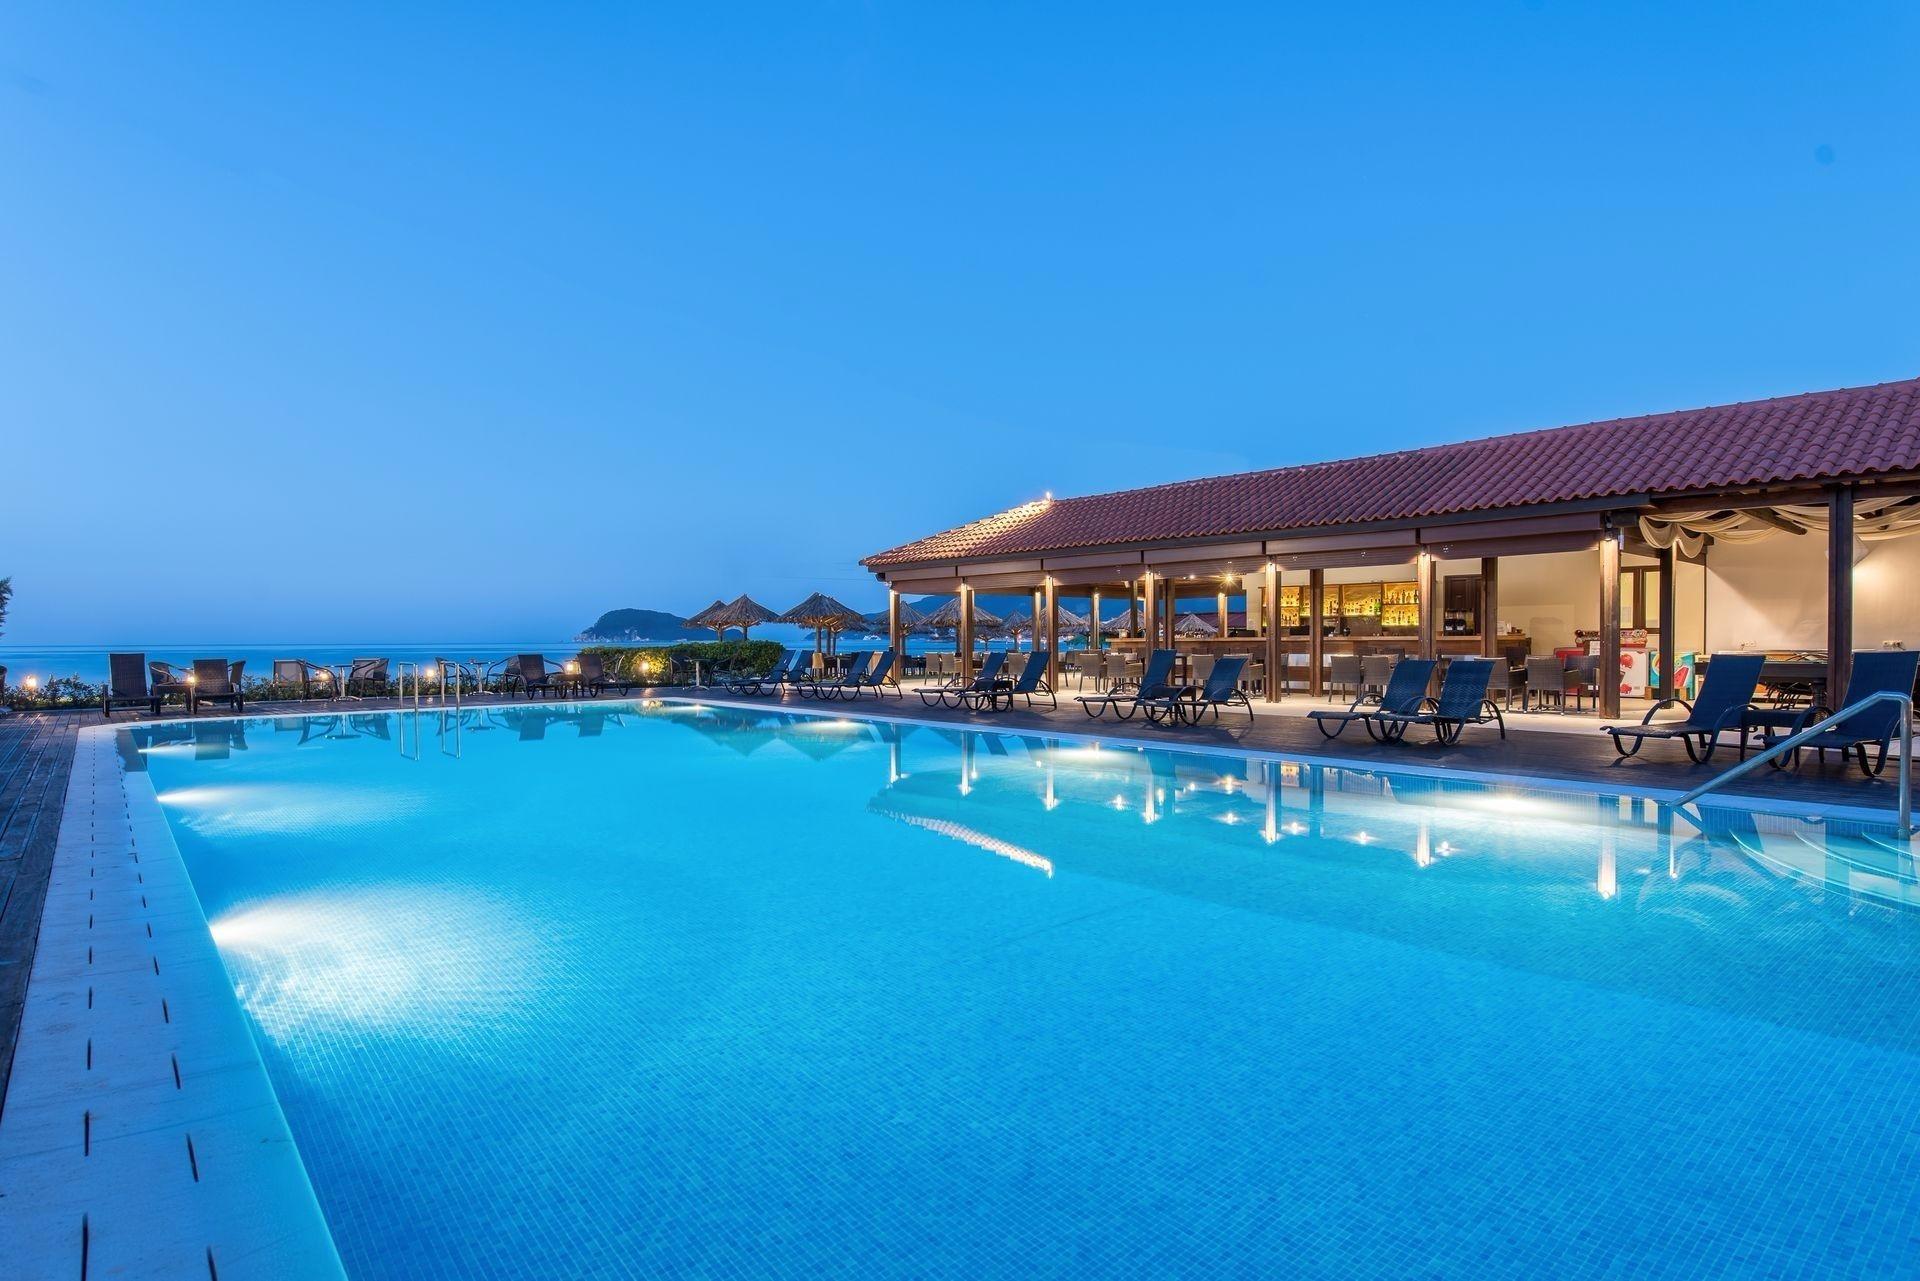 5* Galaxy Beach Resort - Ζάκυνθος, Λαγανάς ✦ -54% ✦